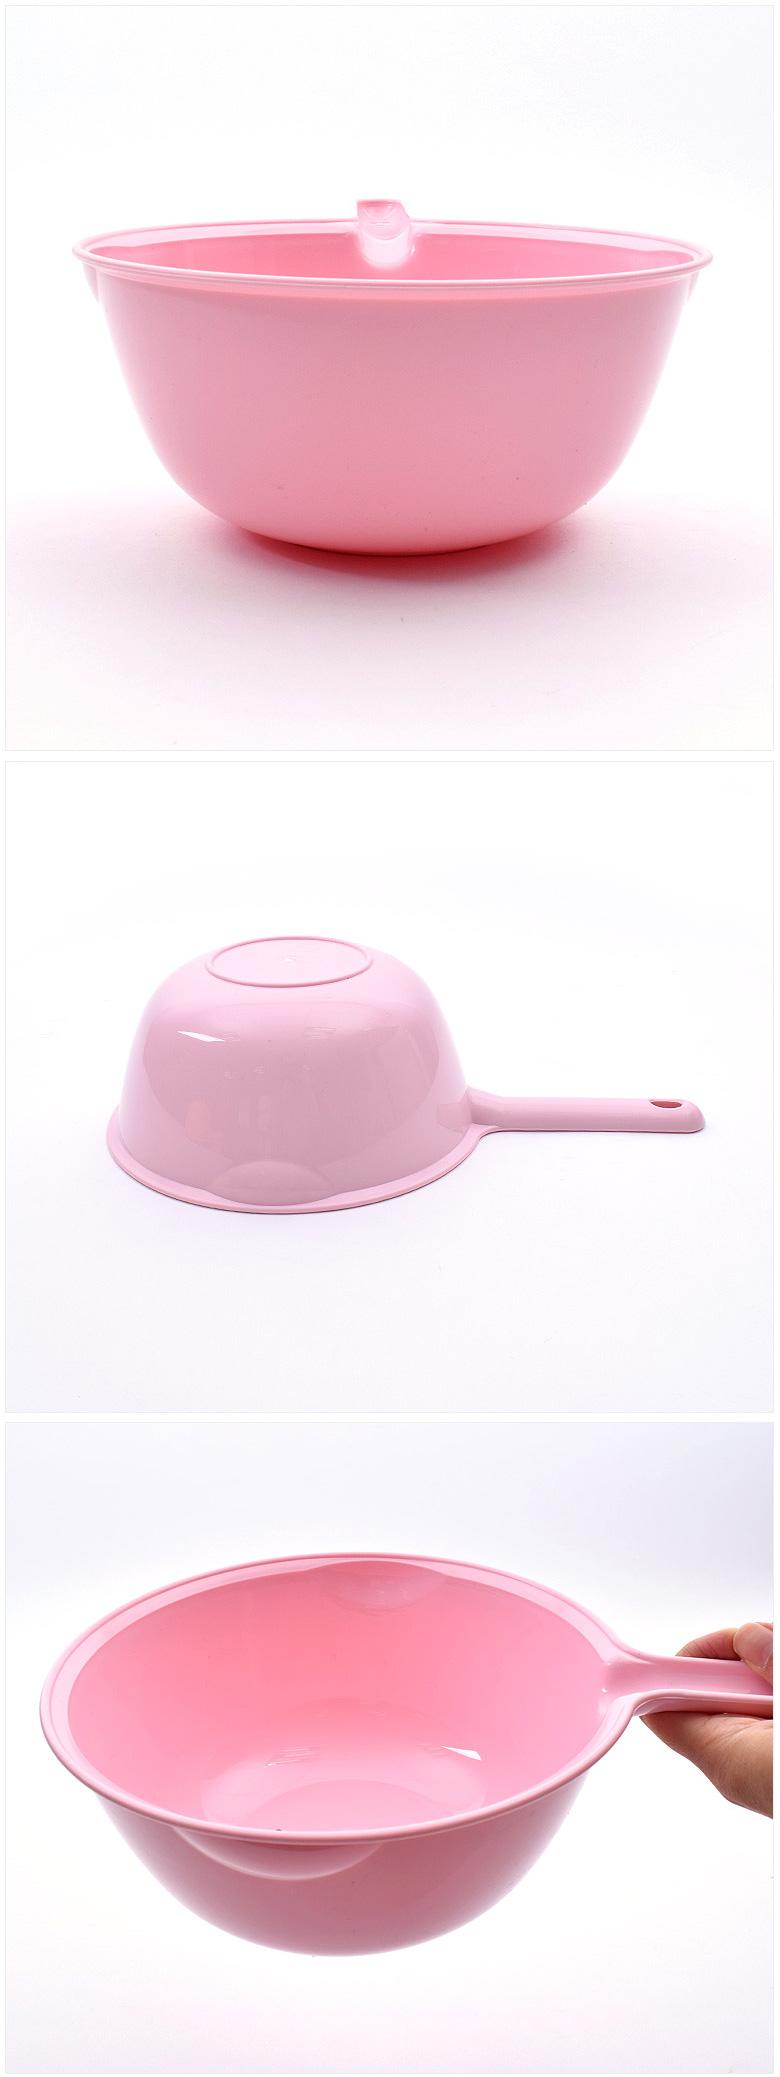 카카오프렌즈 원형 자루 바가지 어피치 - 베리샵, 5,000원, 세안/목욕, 세숫대야/바가지